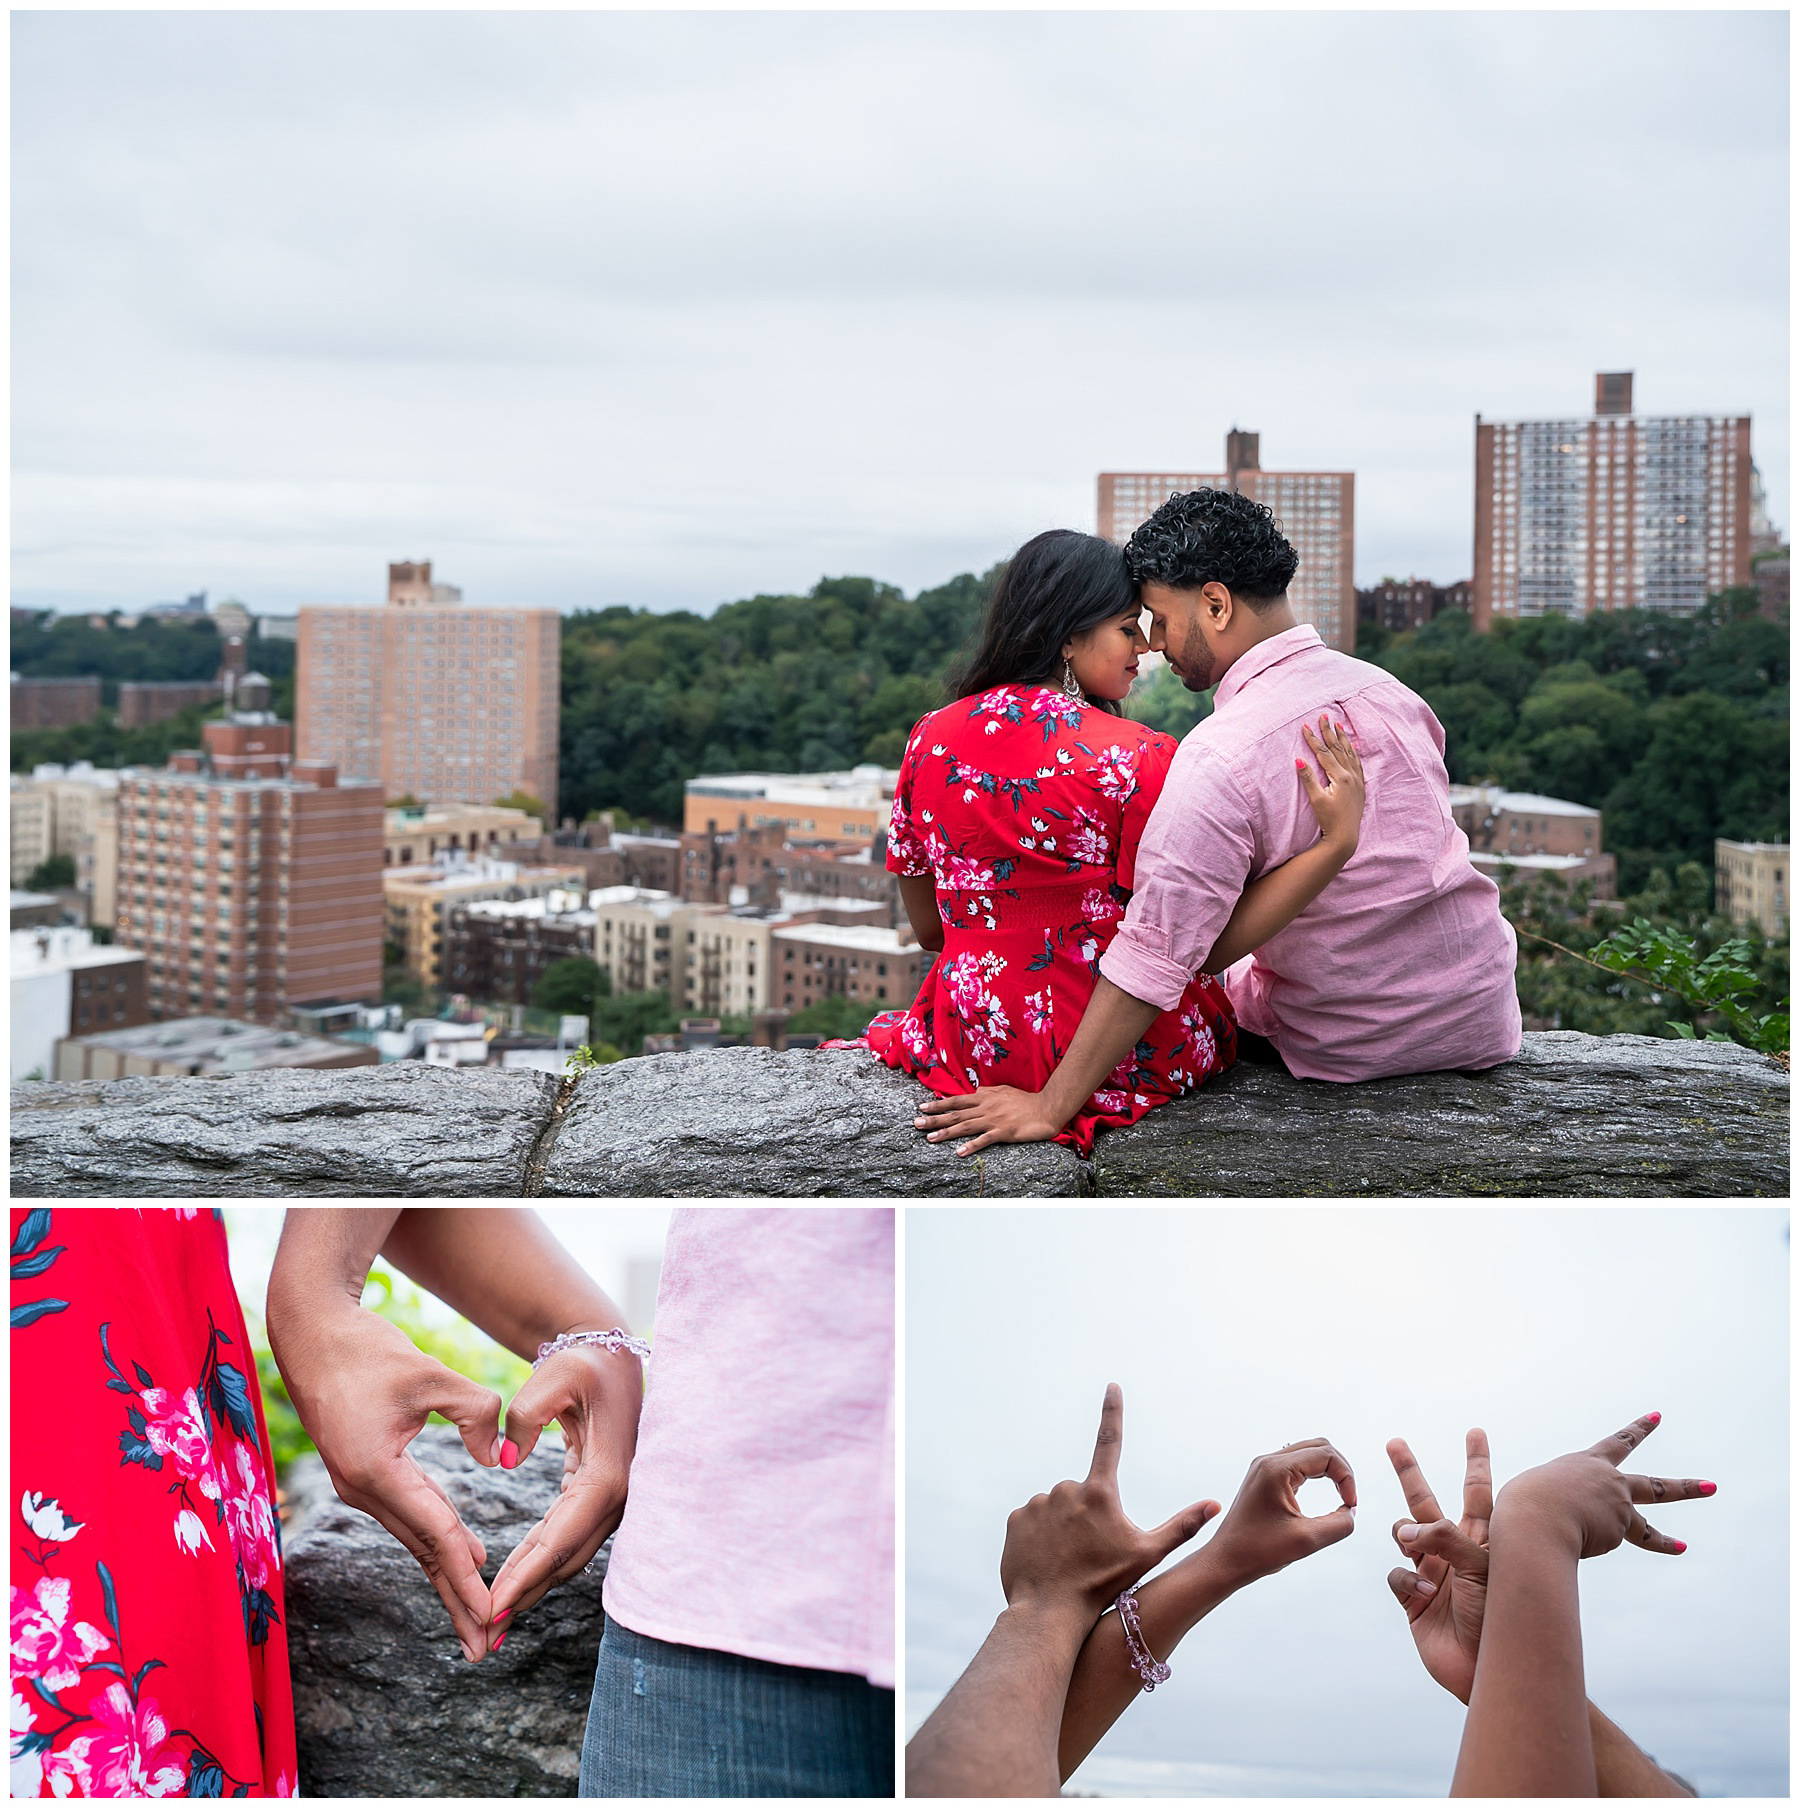 fort-tysons-park-new-york-engagement-shoot-sibyl-jithin-21.jpg